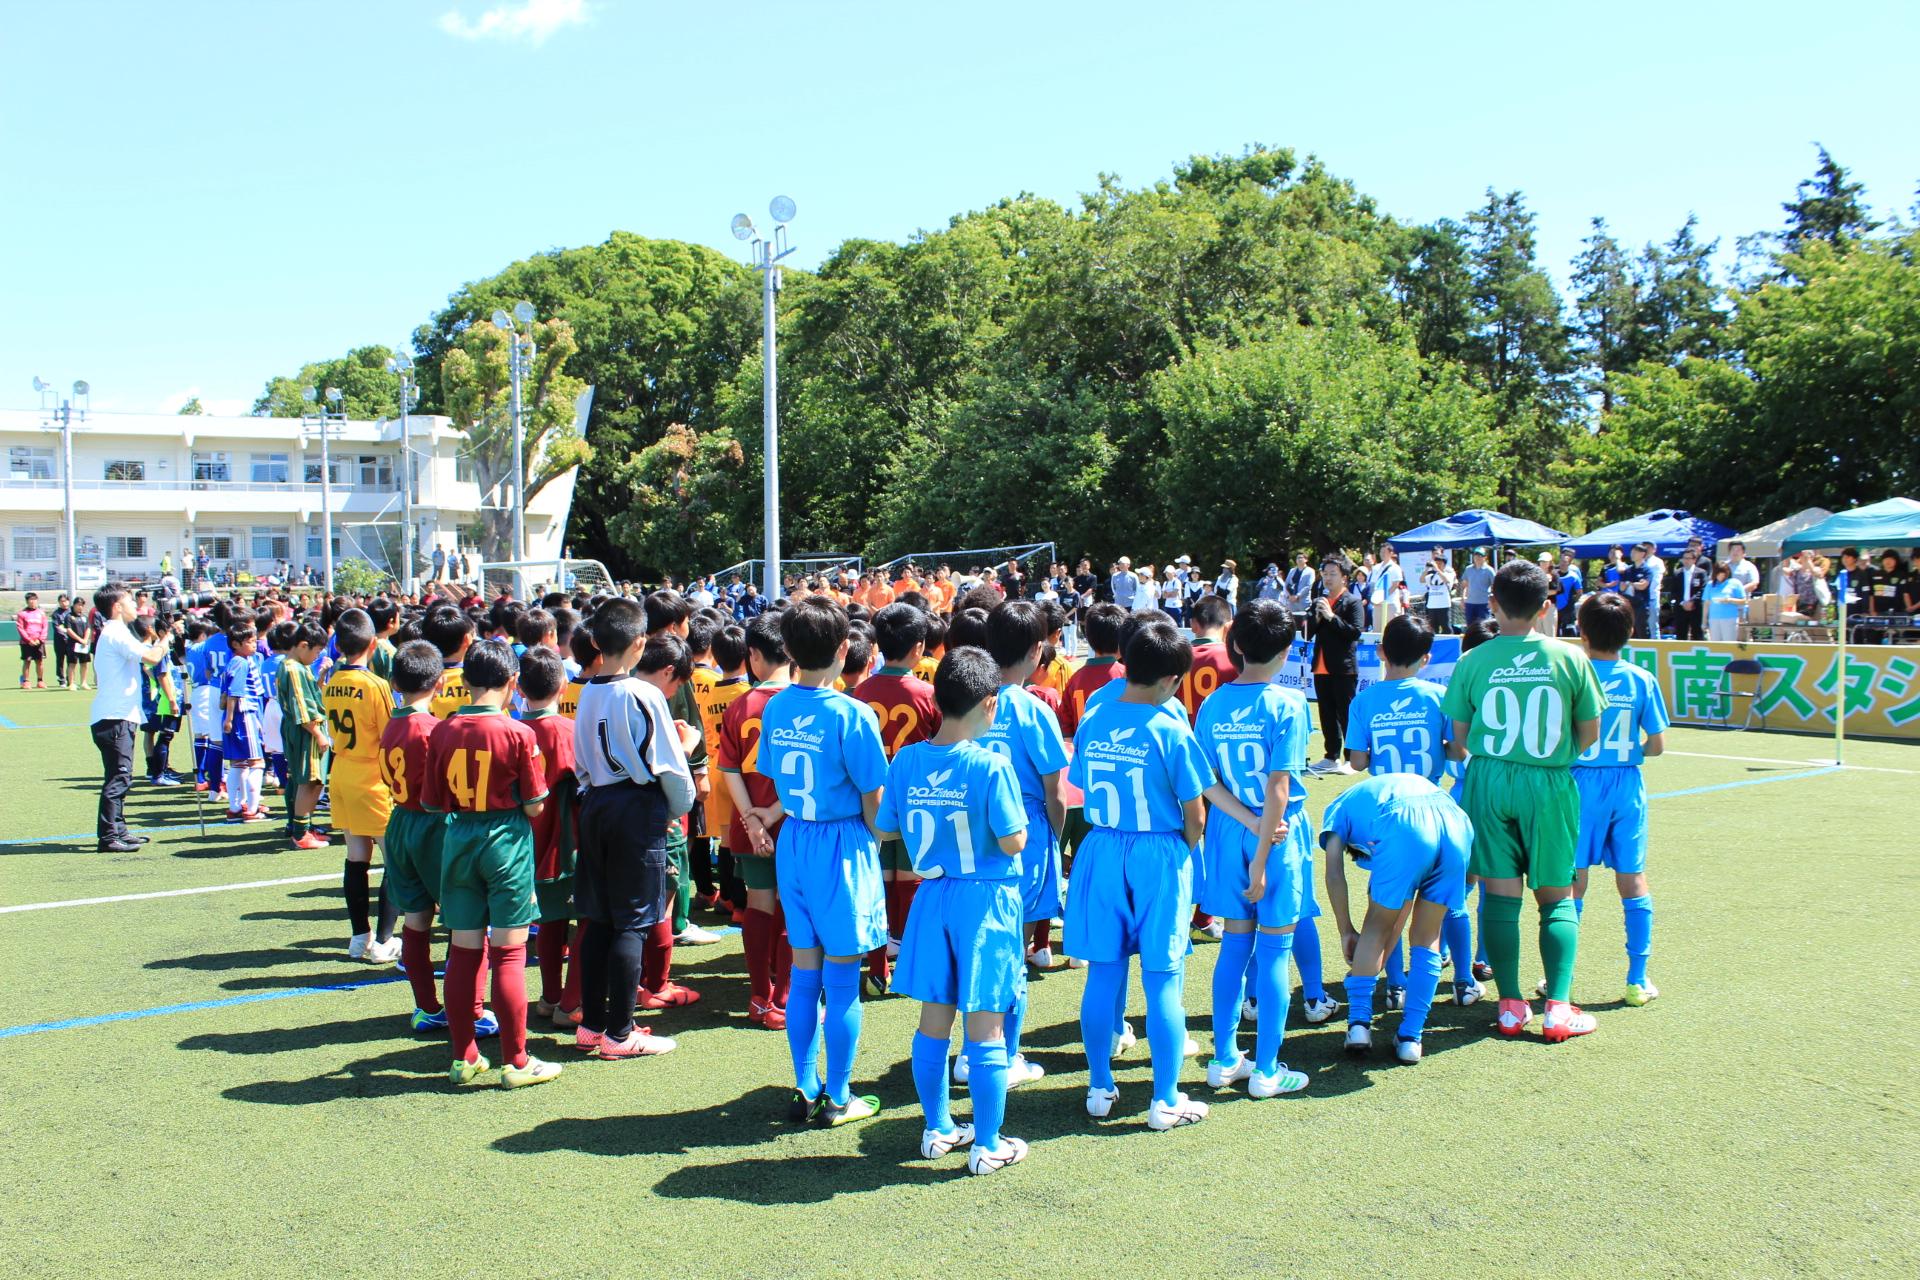 第5回JCカップU-11少年少女サッカー全国大会予選大会を開催しました。